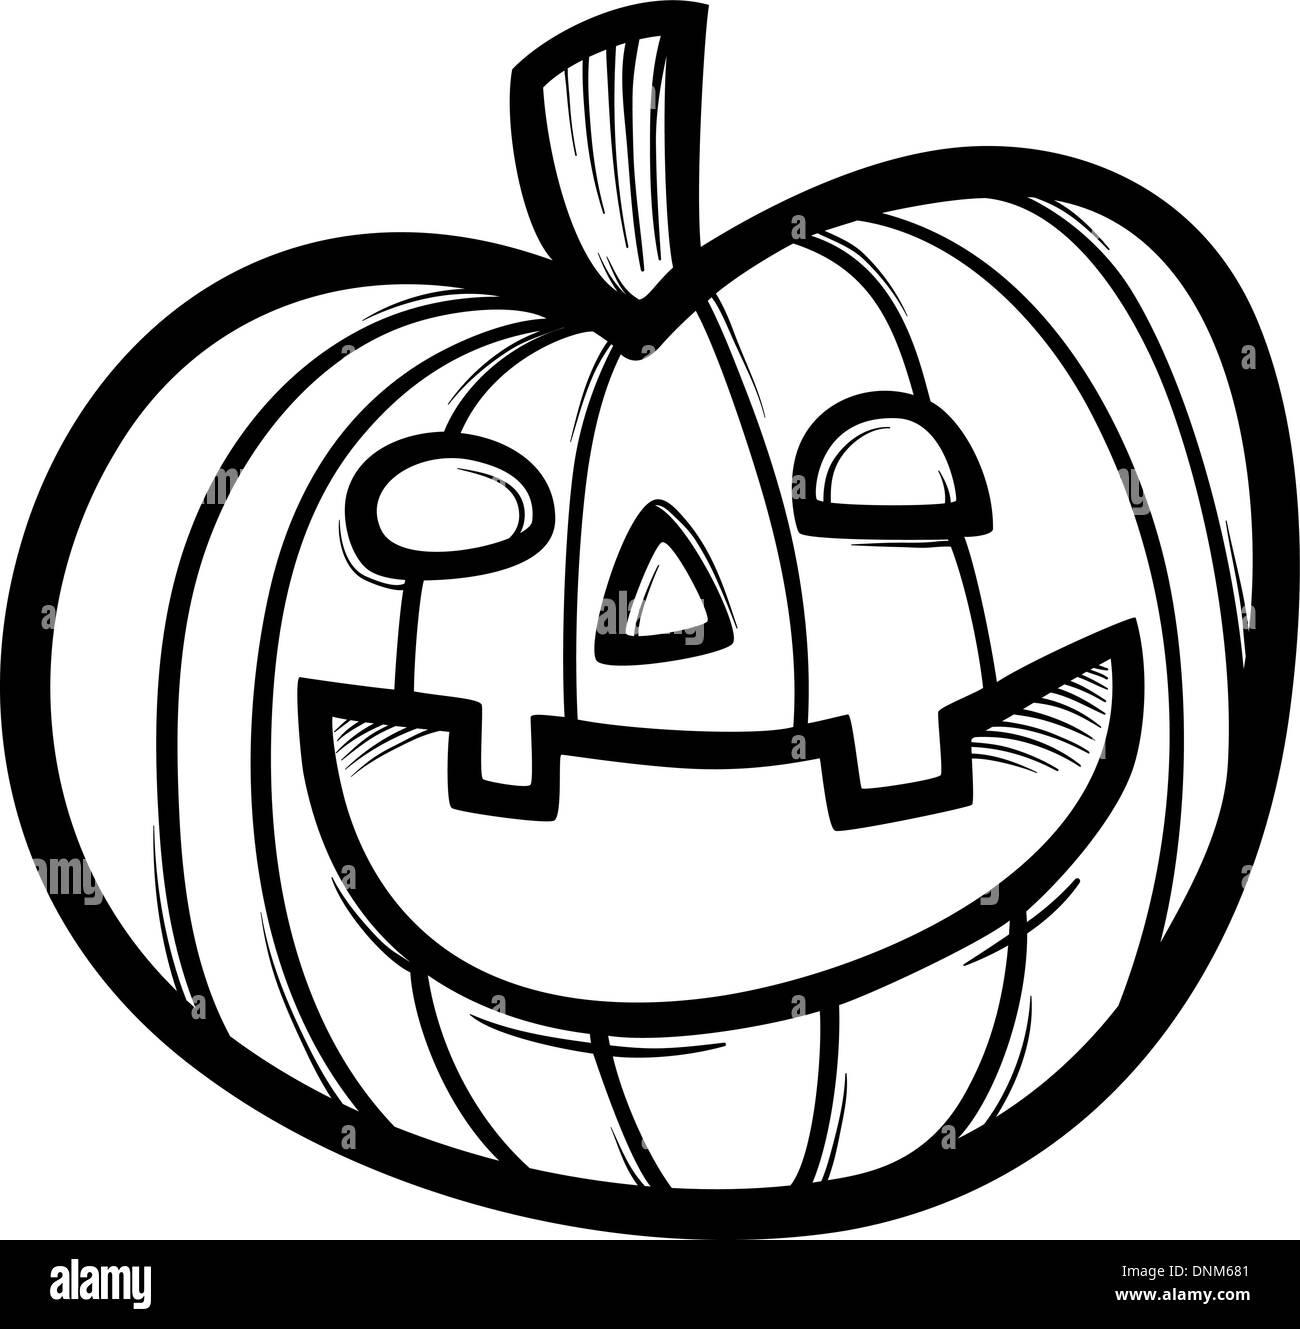 Groß Schwarz Weiß Halloween Clipart Galerie - Malvorlagen Von Tieren ...